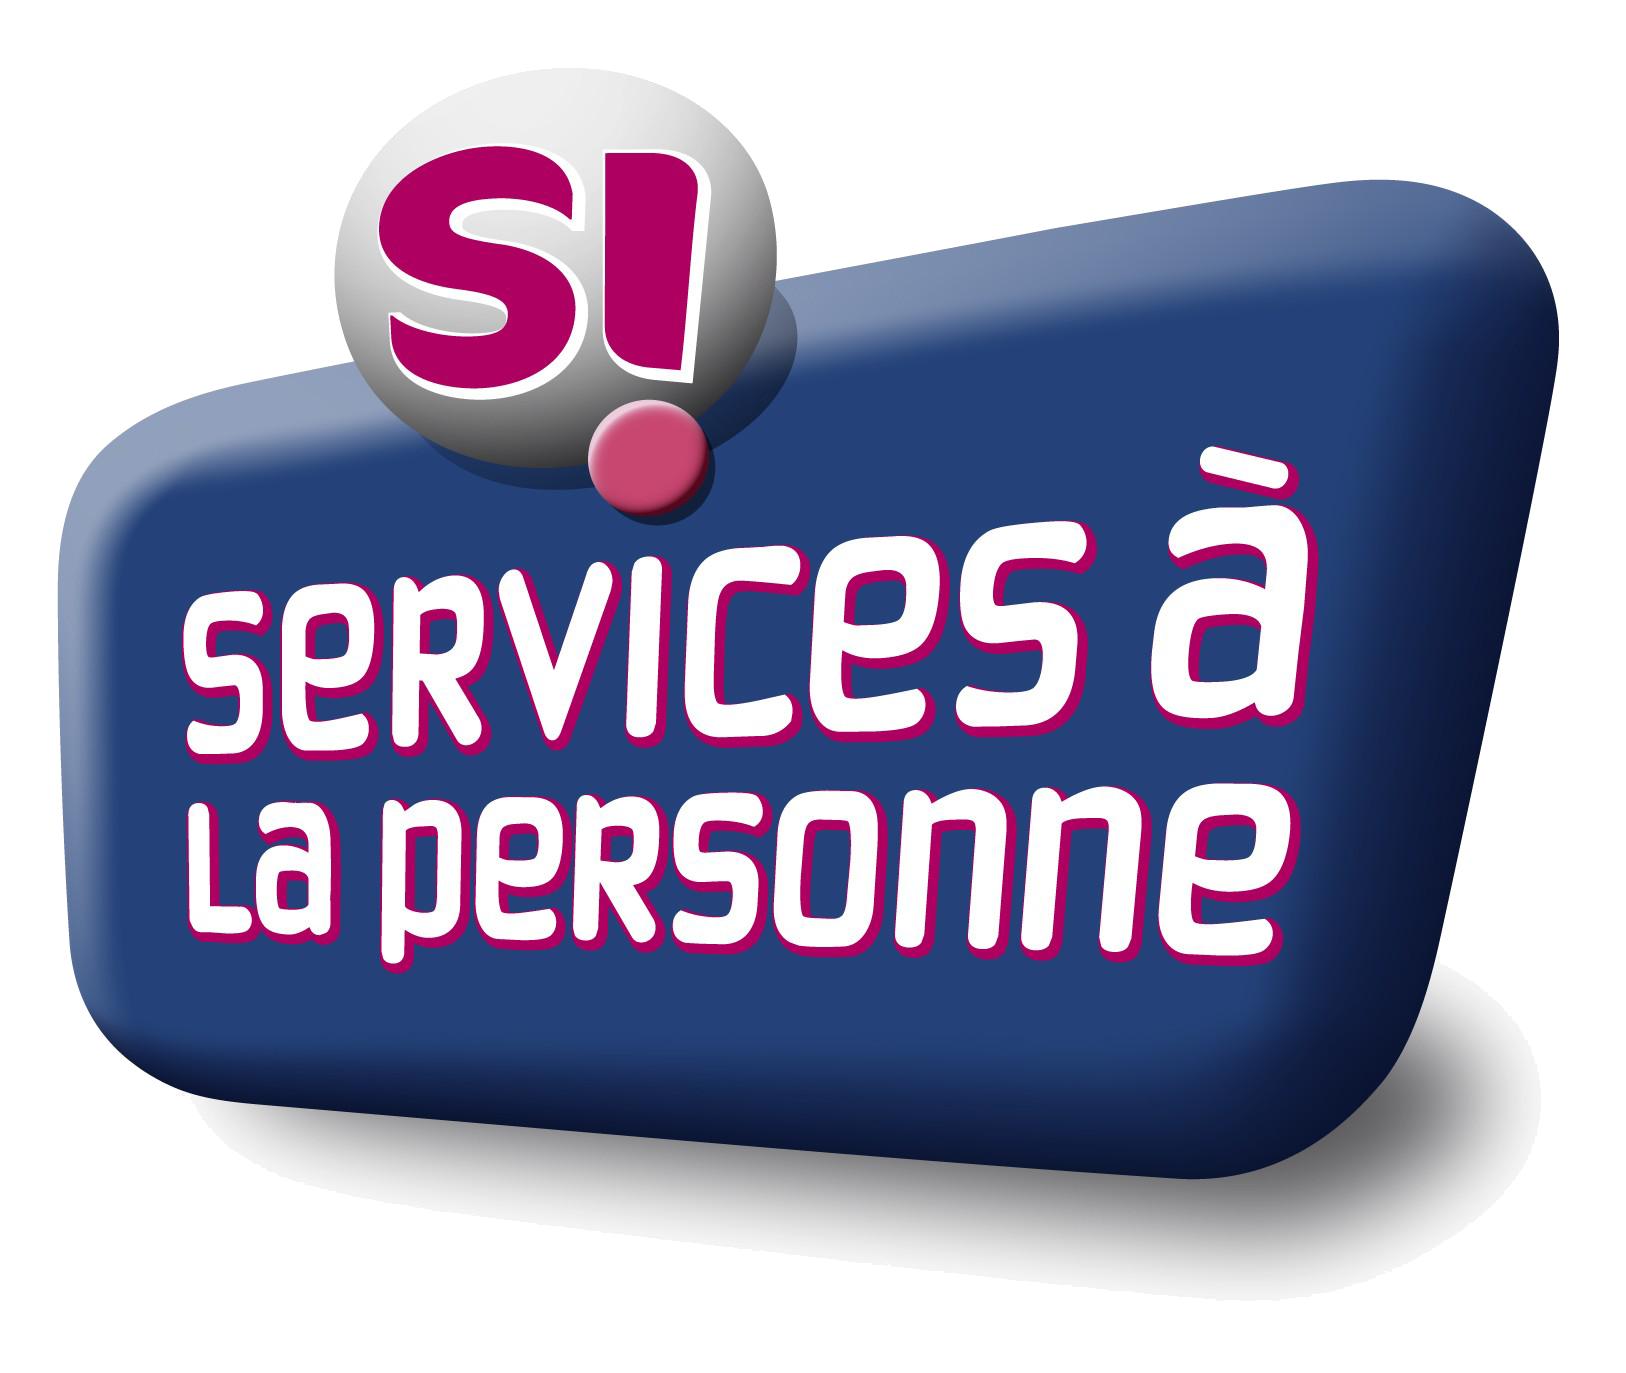 tarif service à la personne assistance informatique montauban